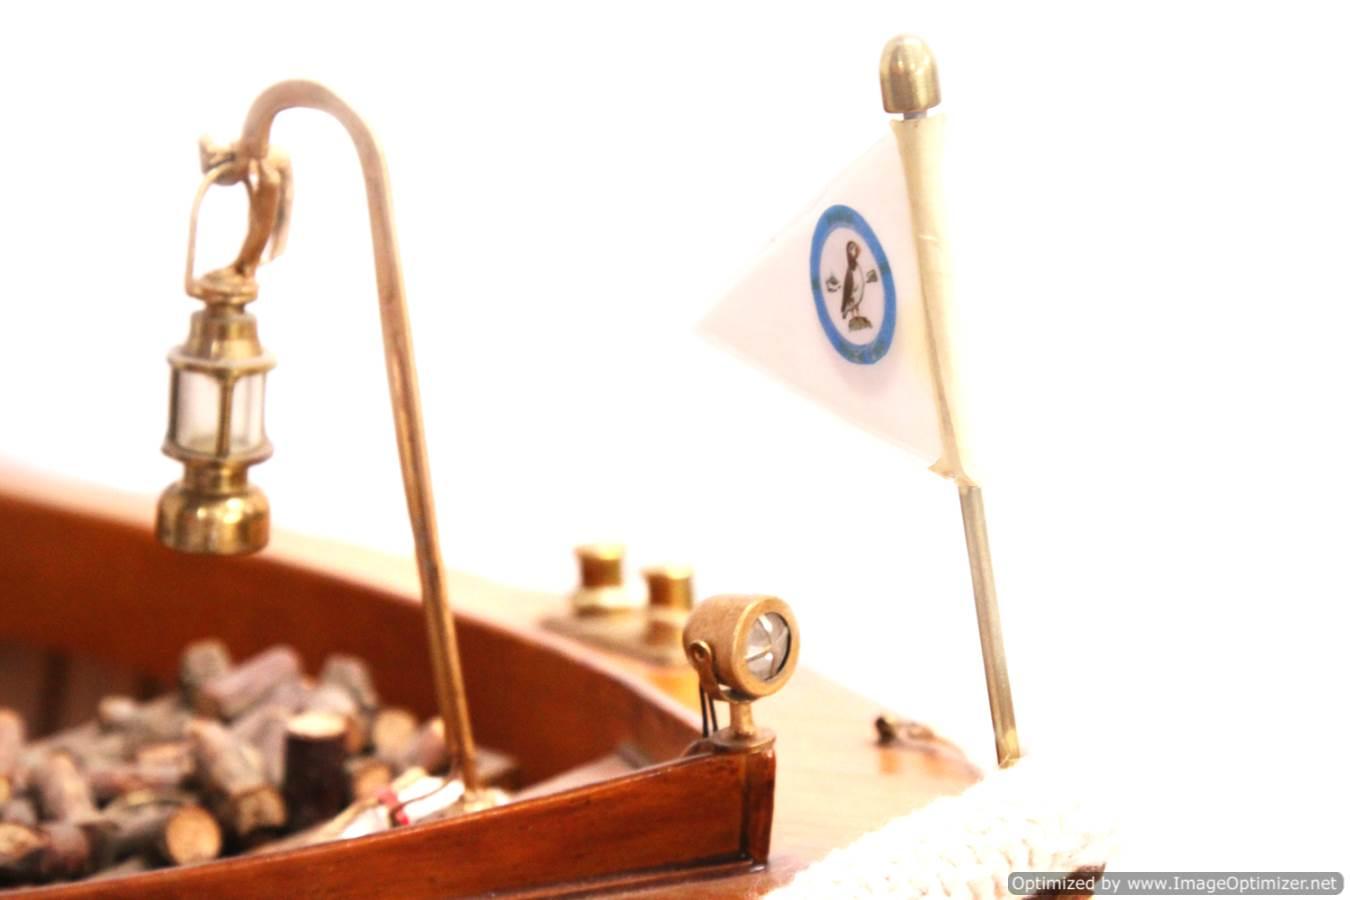 test bockrum-cheddar-steam-boat-live-steam-model-for-sale-01-optimized